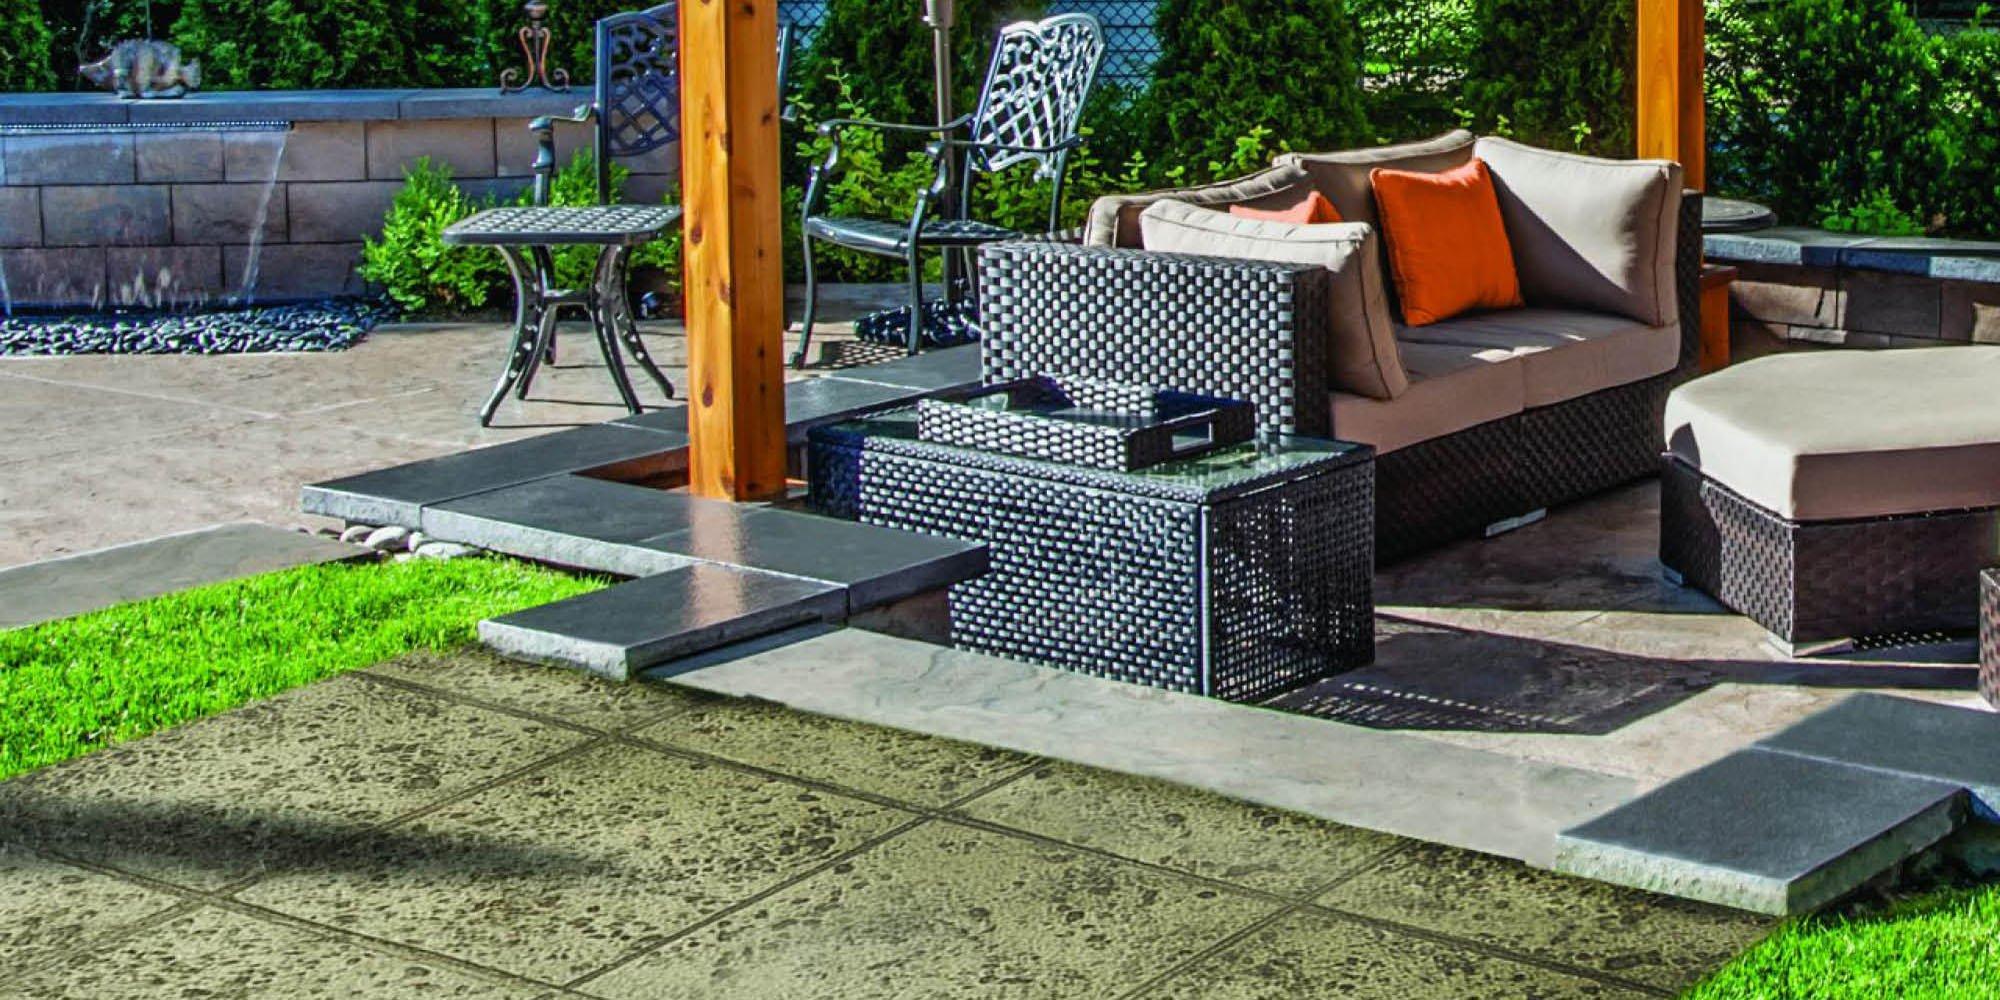 patios_header